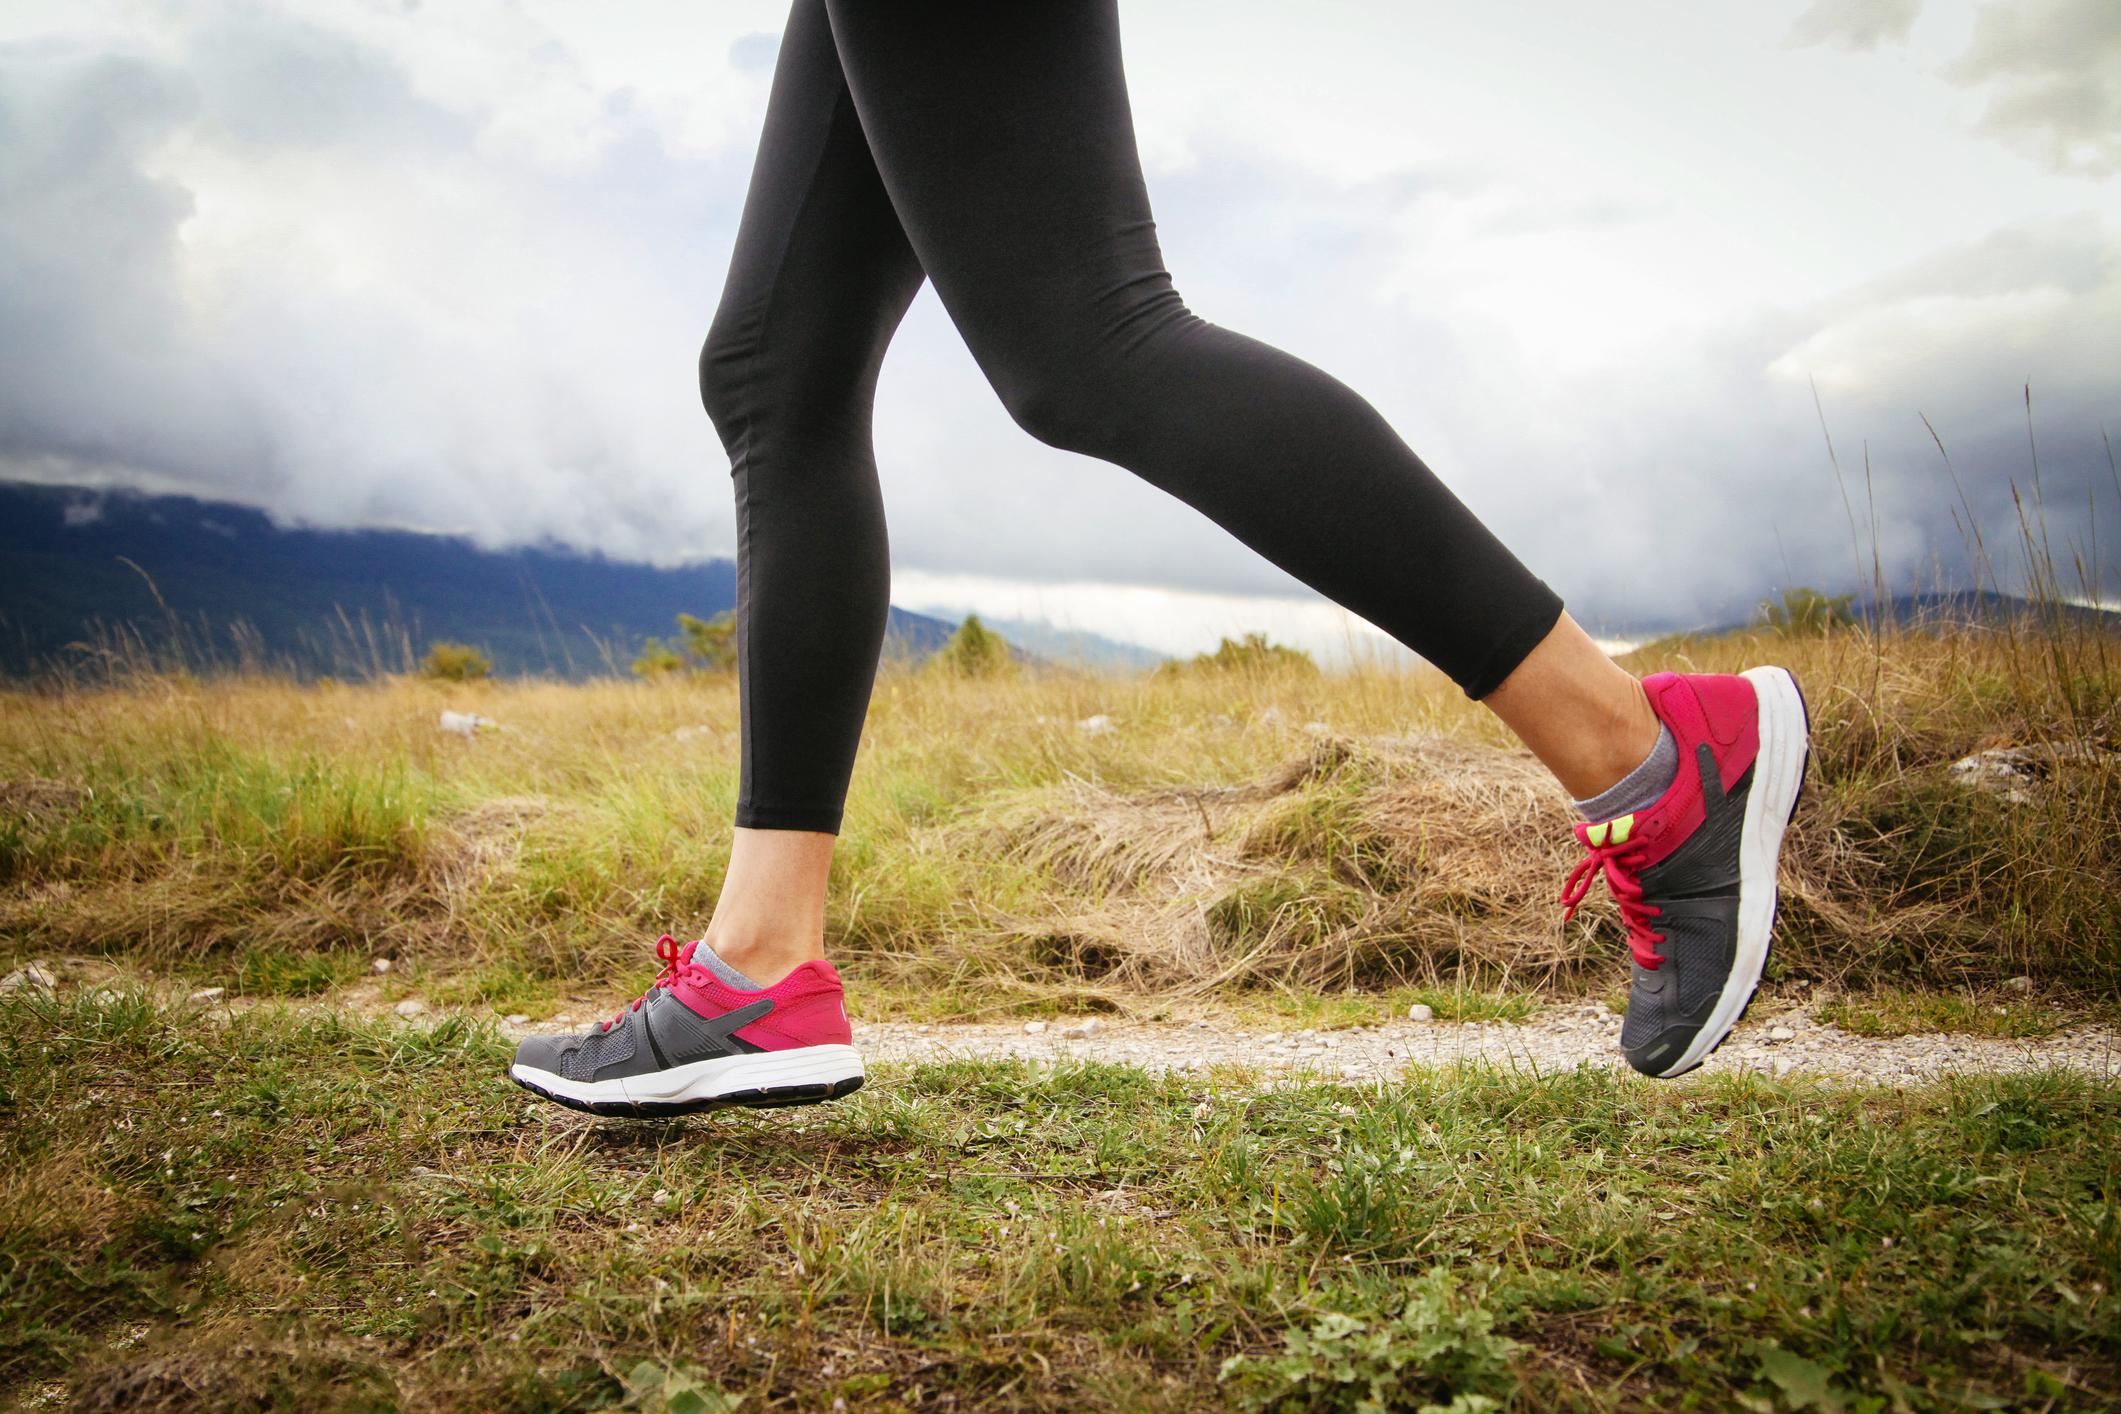 Рейтинг лучших беговых кроссовок известных брендов 2017 года